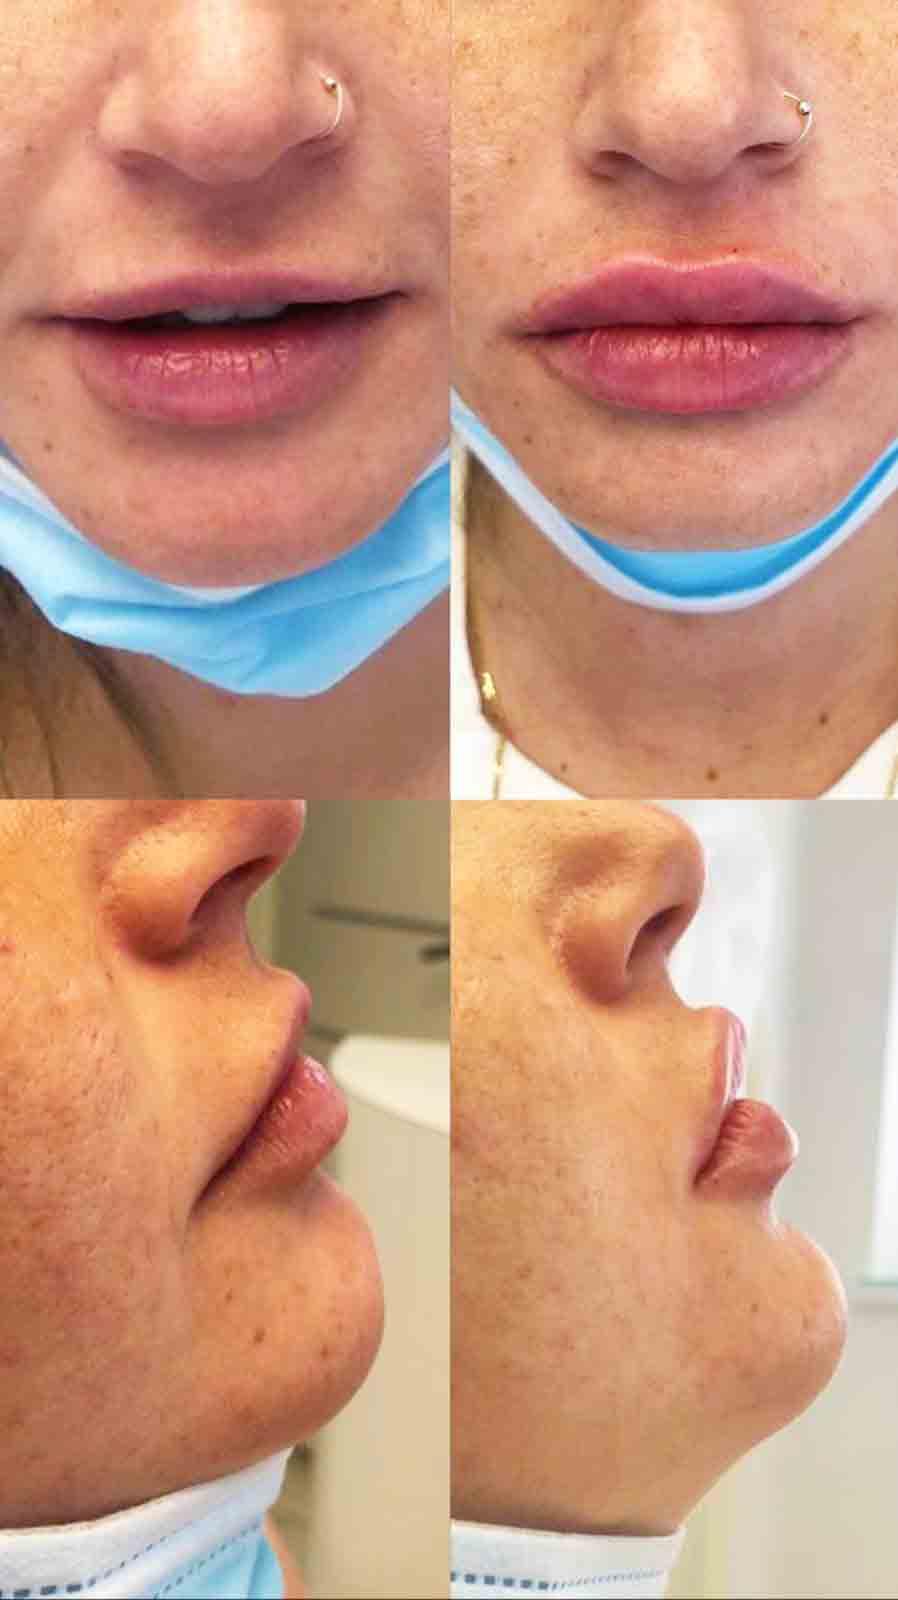 עיבוי שפתיים - לפני אחרי